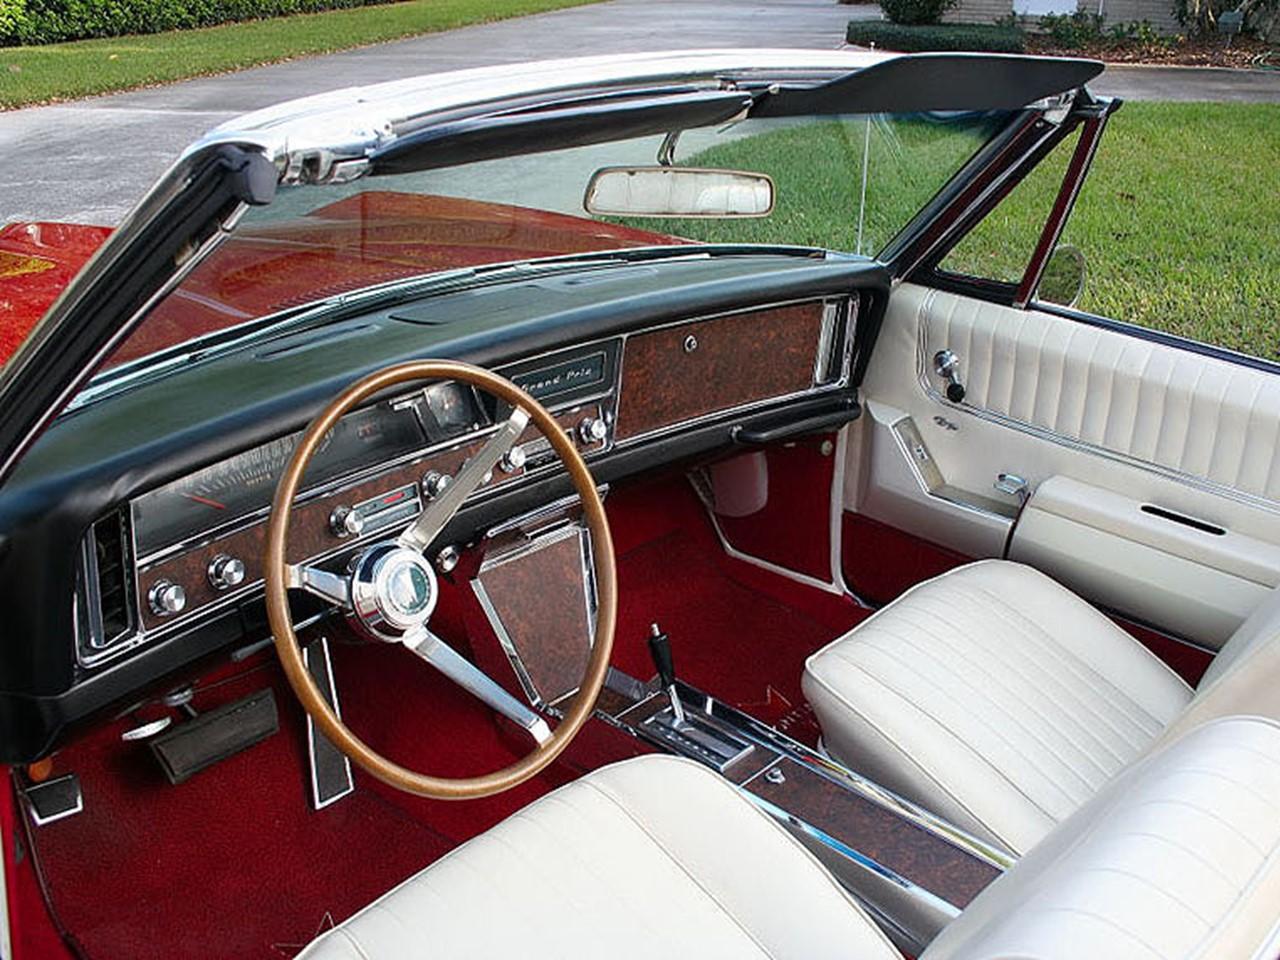 passionate poncho 1967 grand prix convertible notoriousluxury 1967 Grand Prix Convertible Interior 1967 6